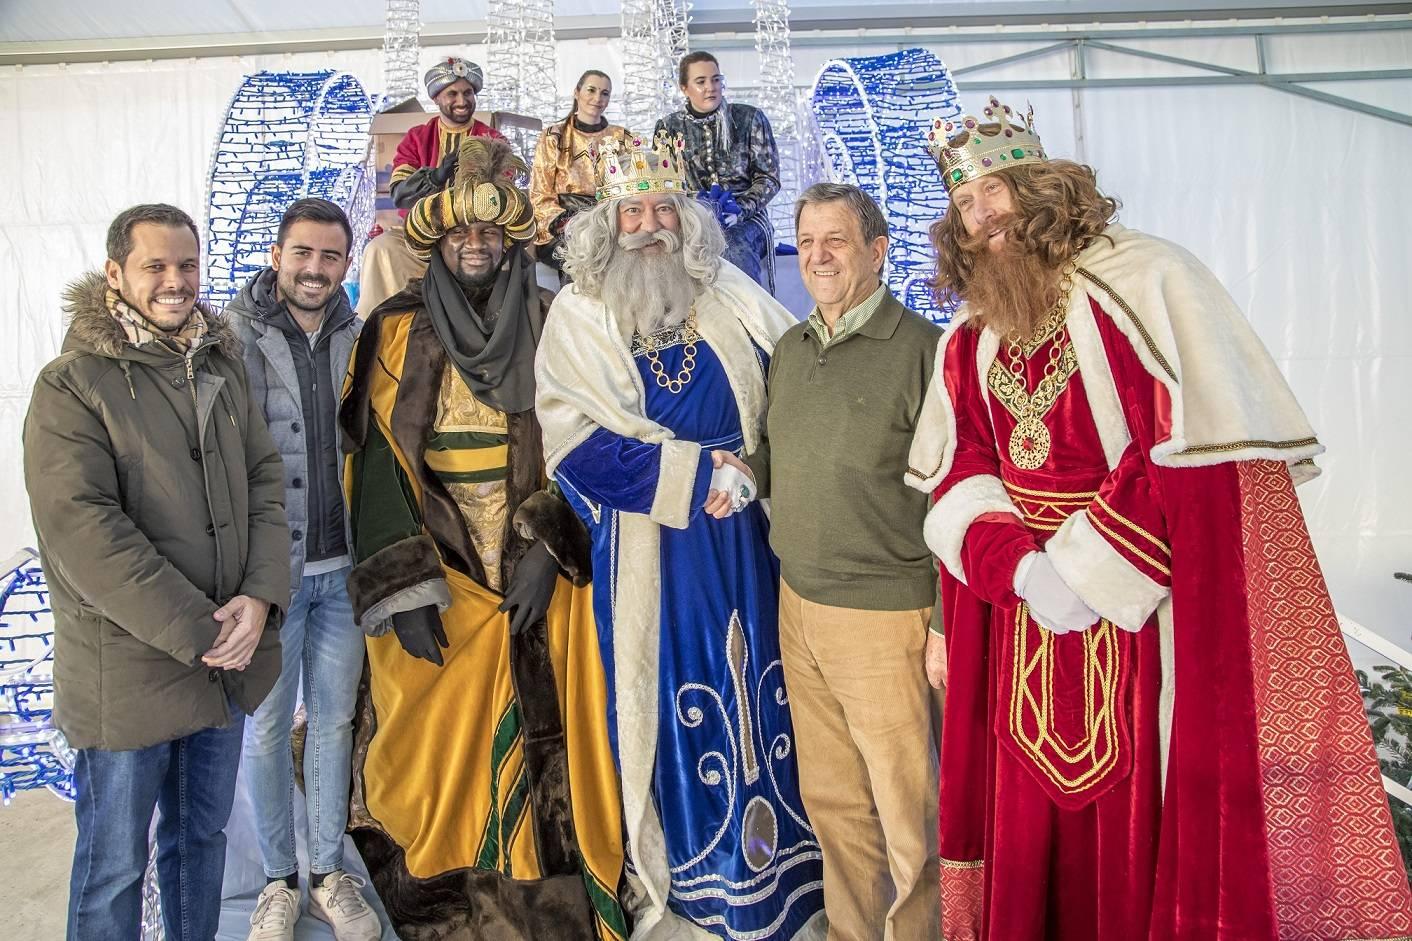 El alcalde y concejales recibiendo a sus Majestades de Oriente.